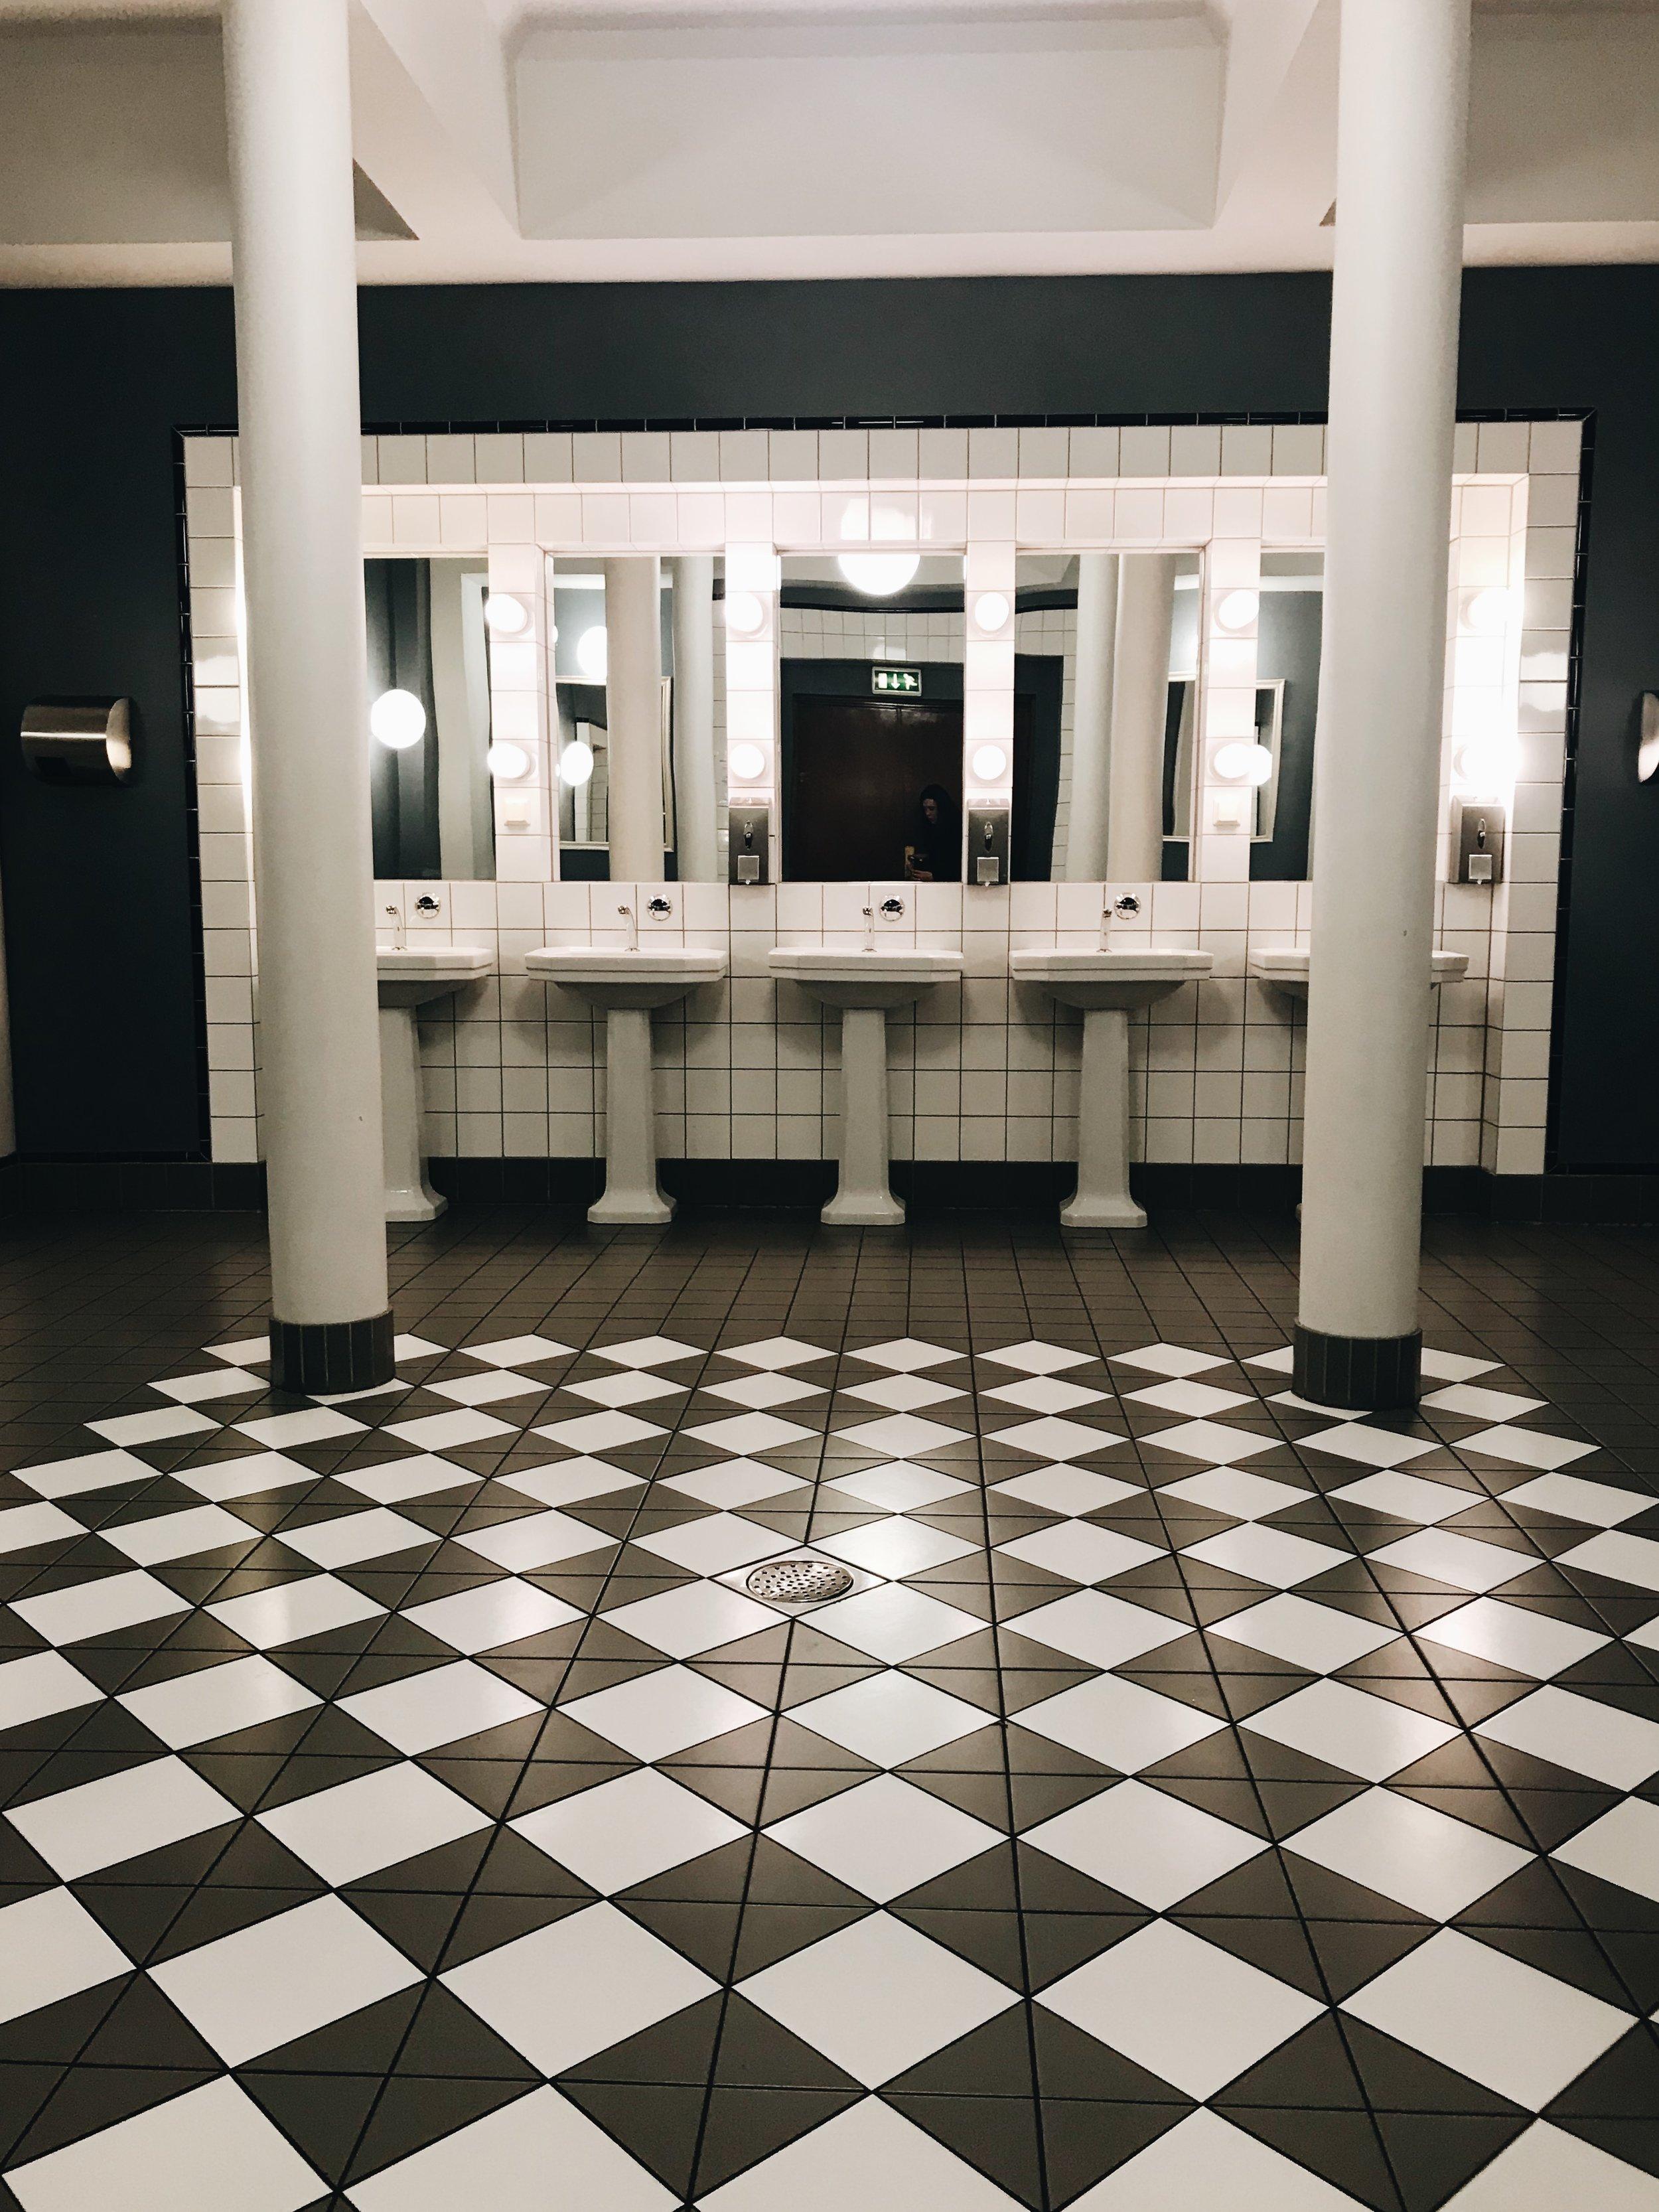 #accidentalwesanderson: Das Rathaus ist mit seinem Funktionalismus-Stil und hiesigen Marmorflächen in jedem Falle einen Besuch wert!